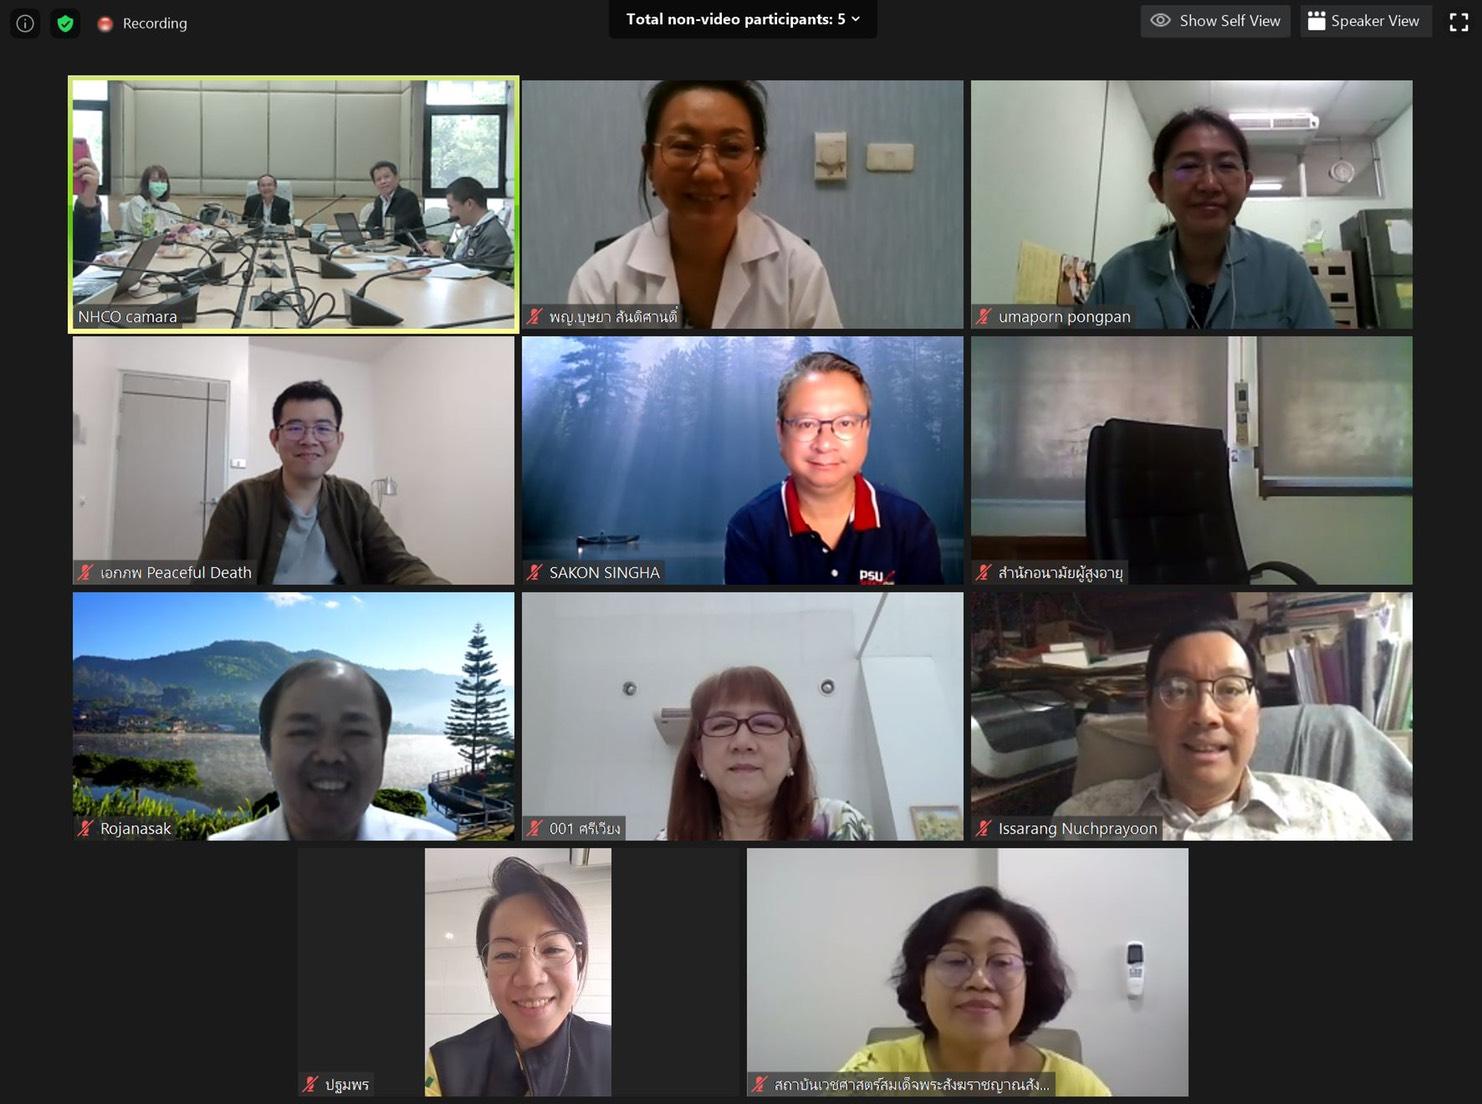 ผู้ป่วย ระบบบริการสุขภาพไทย สช สำนักงานคณะกรรมการสุขภาพแห่งชาติ